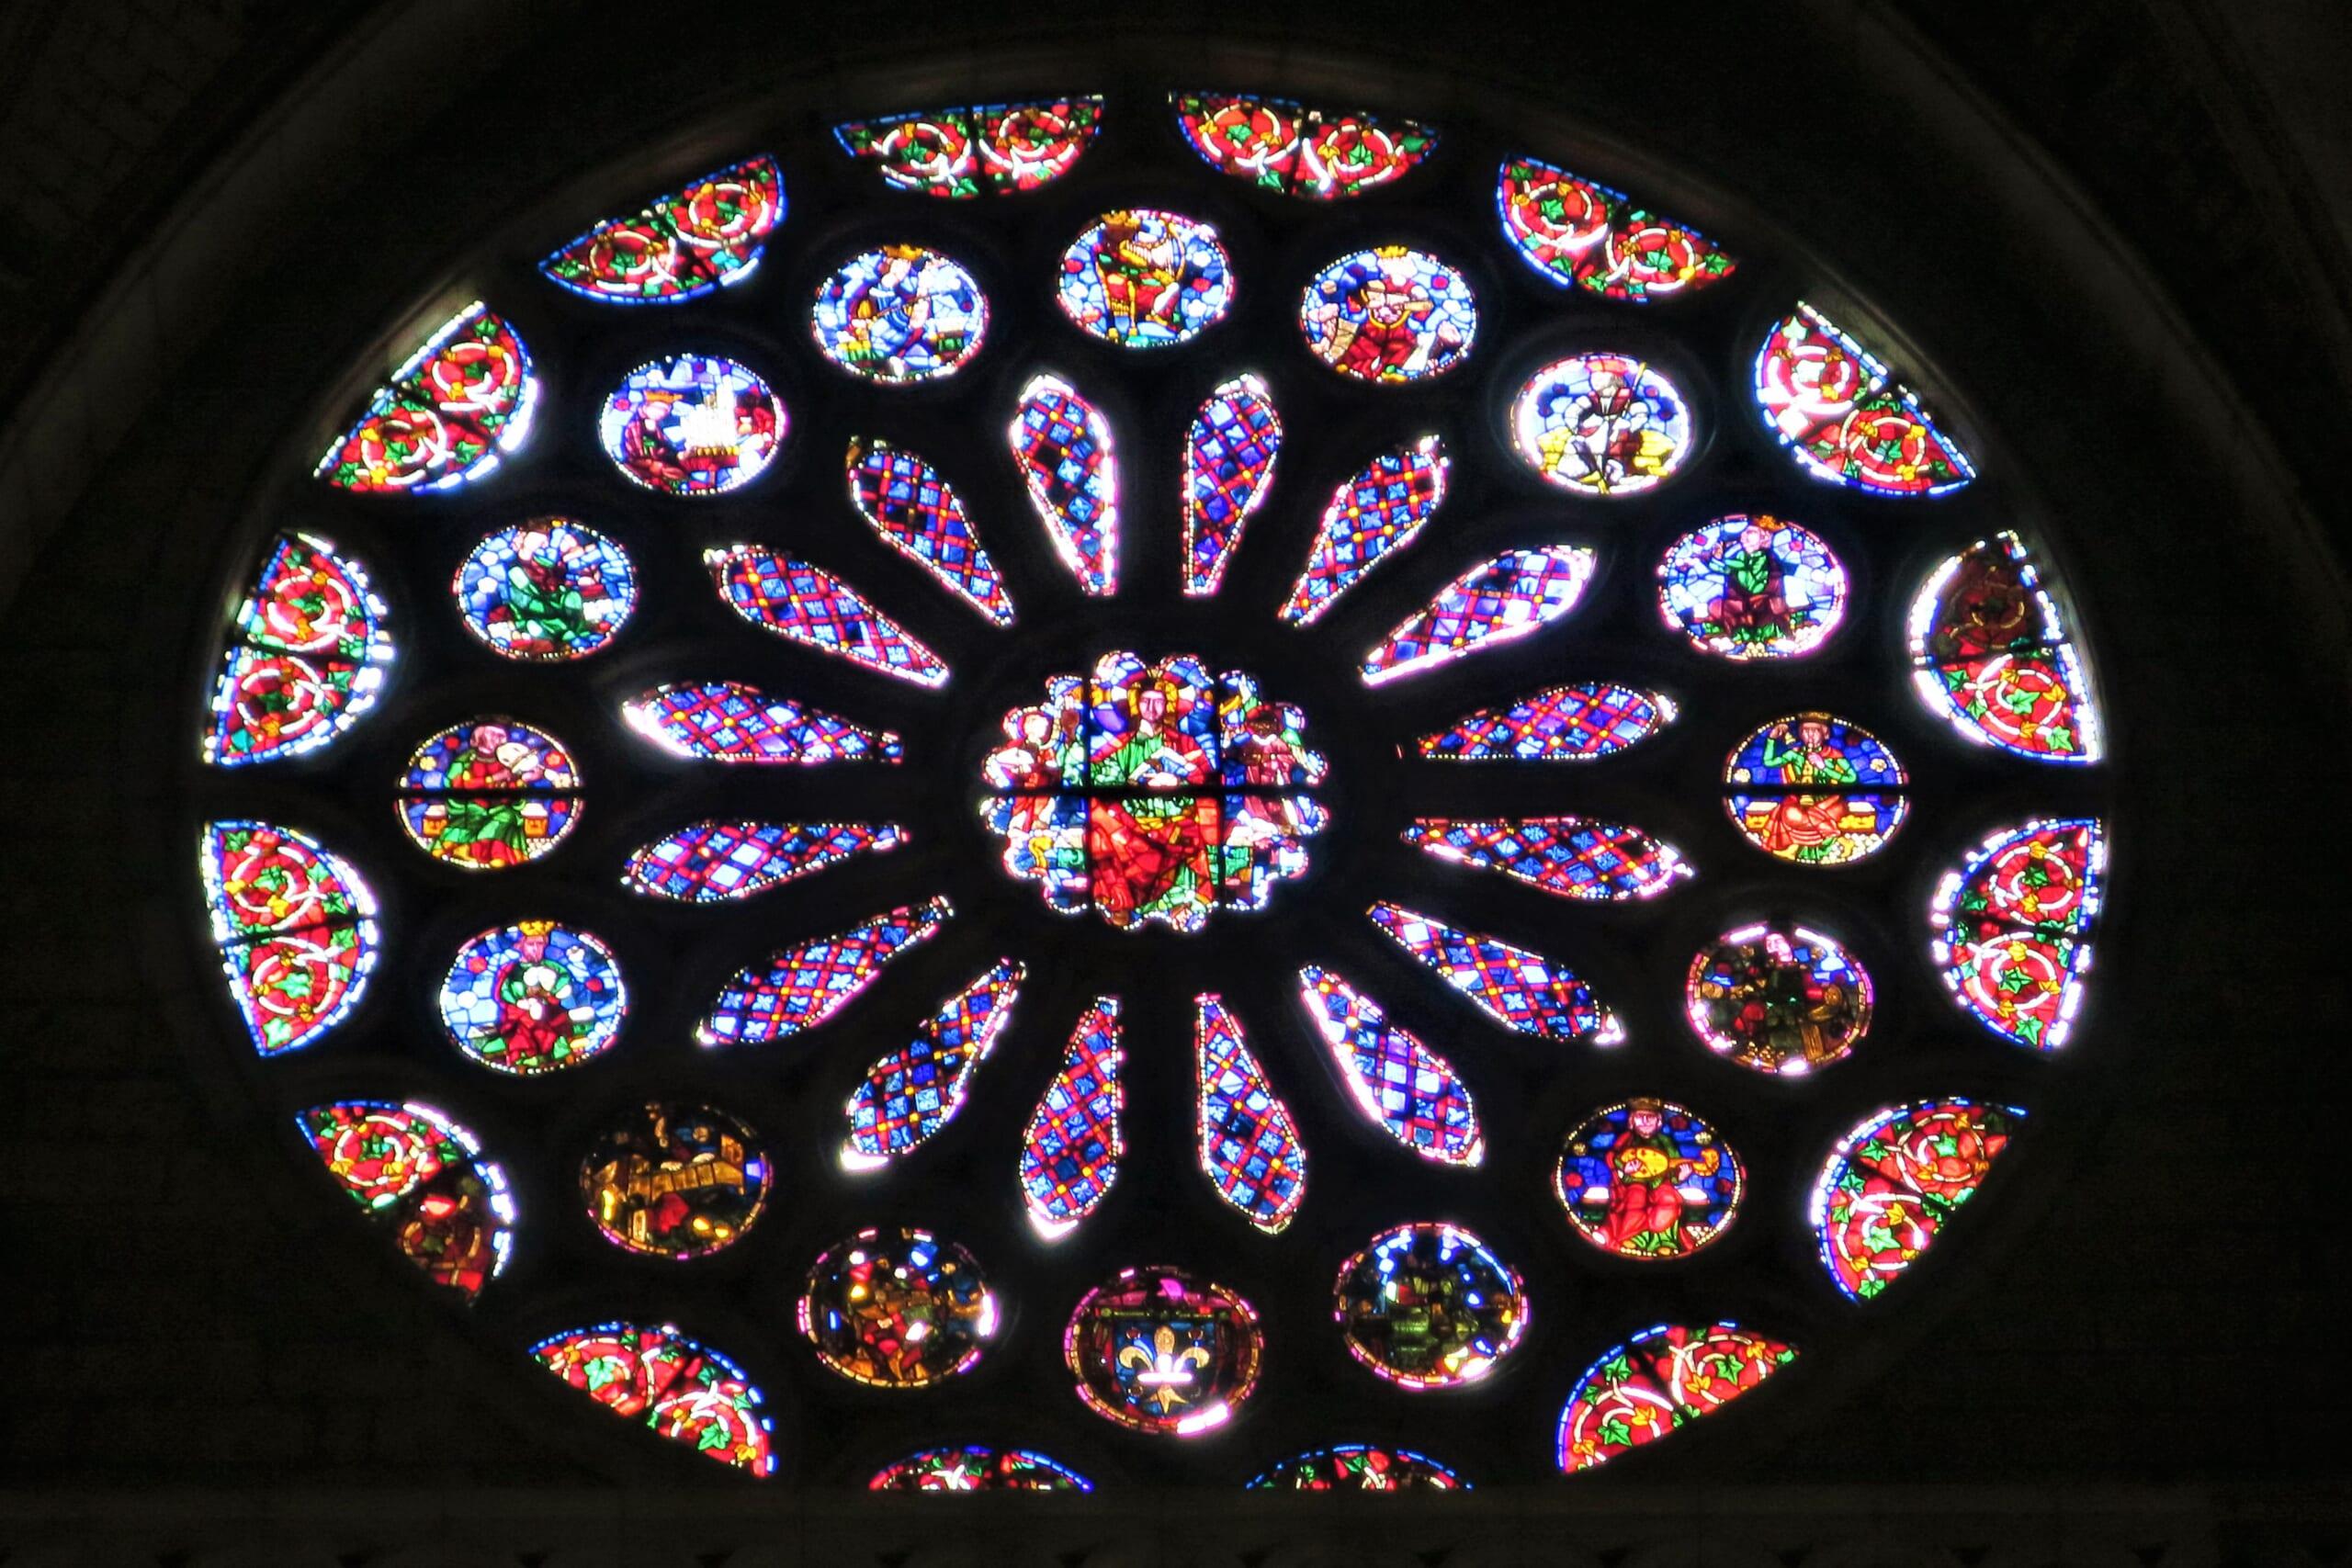 北スペインのサンティアゴ巡礼路の経由地であるレオン大聖堂のステンドグラス